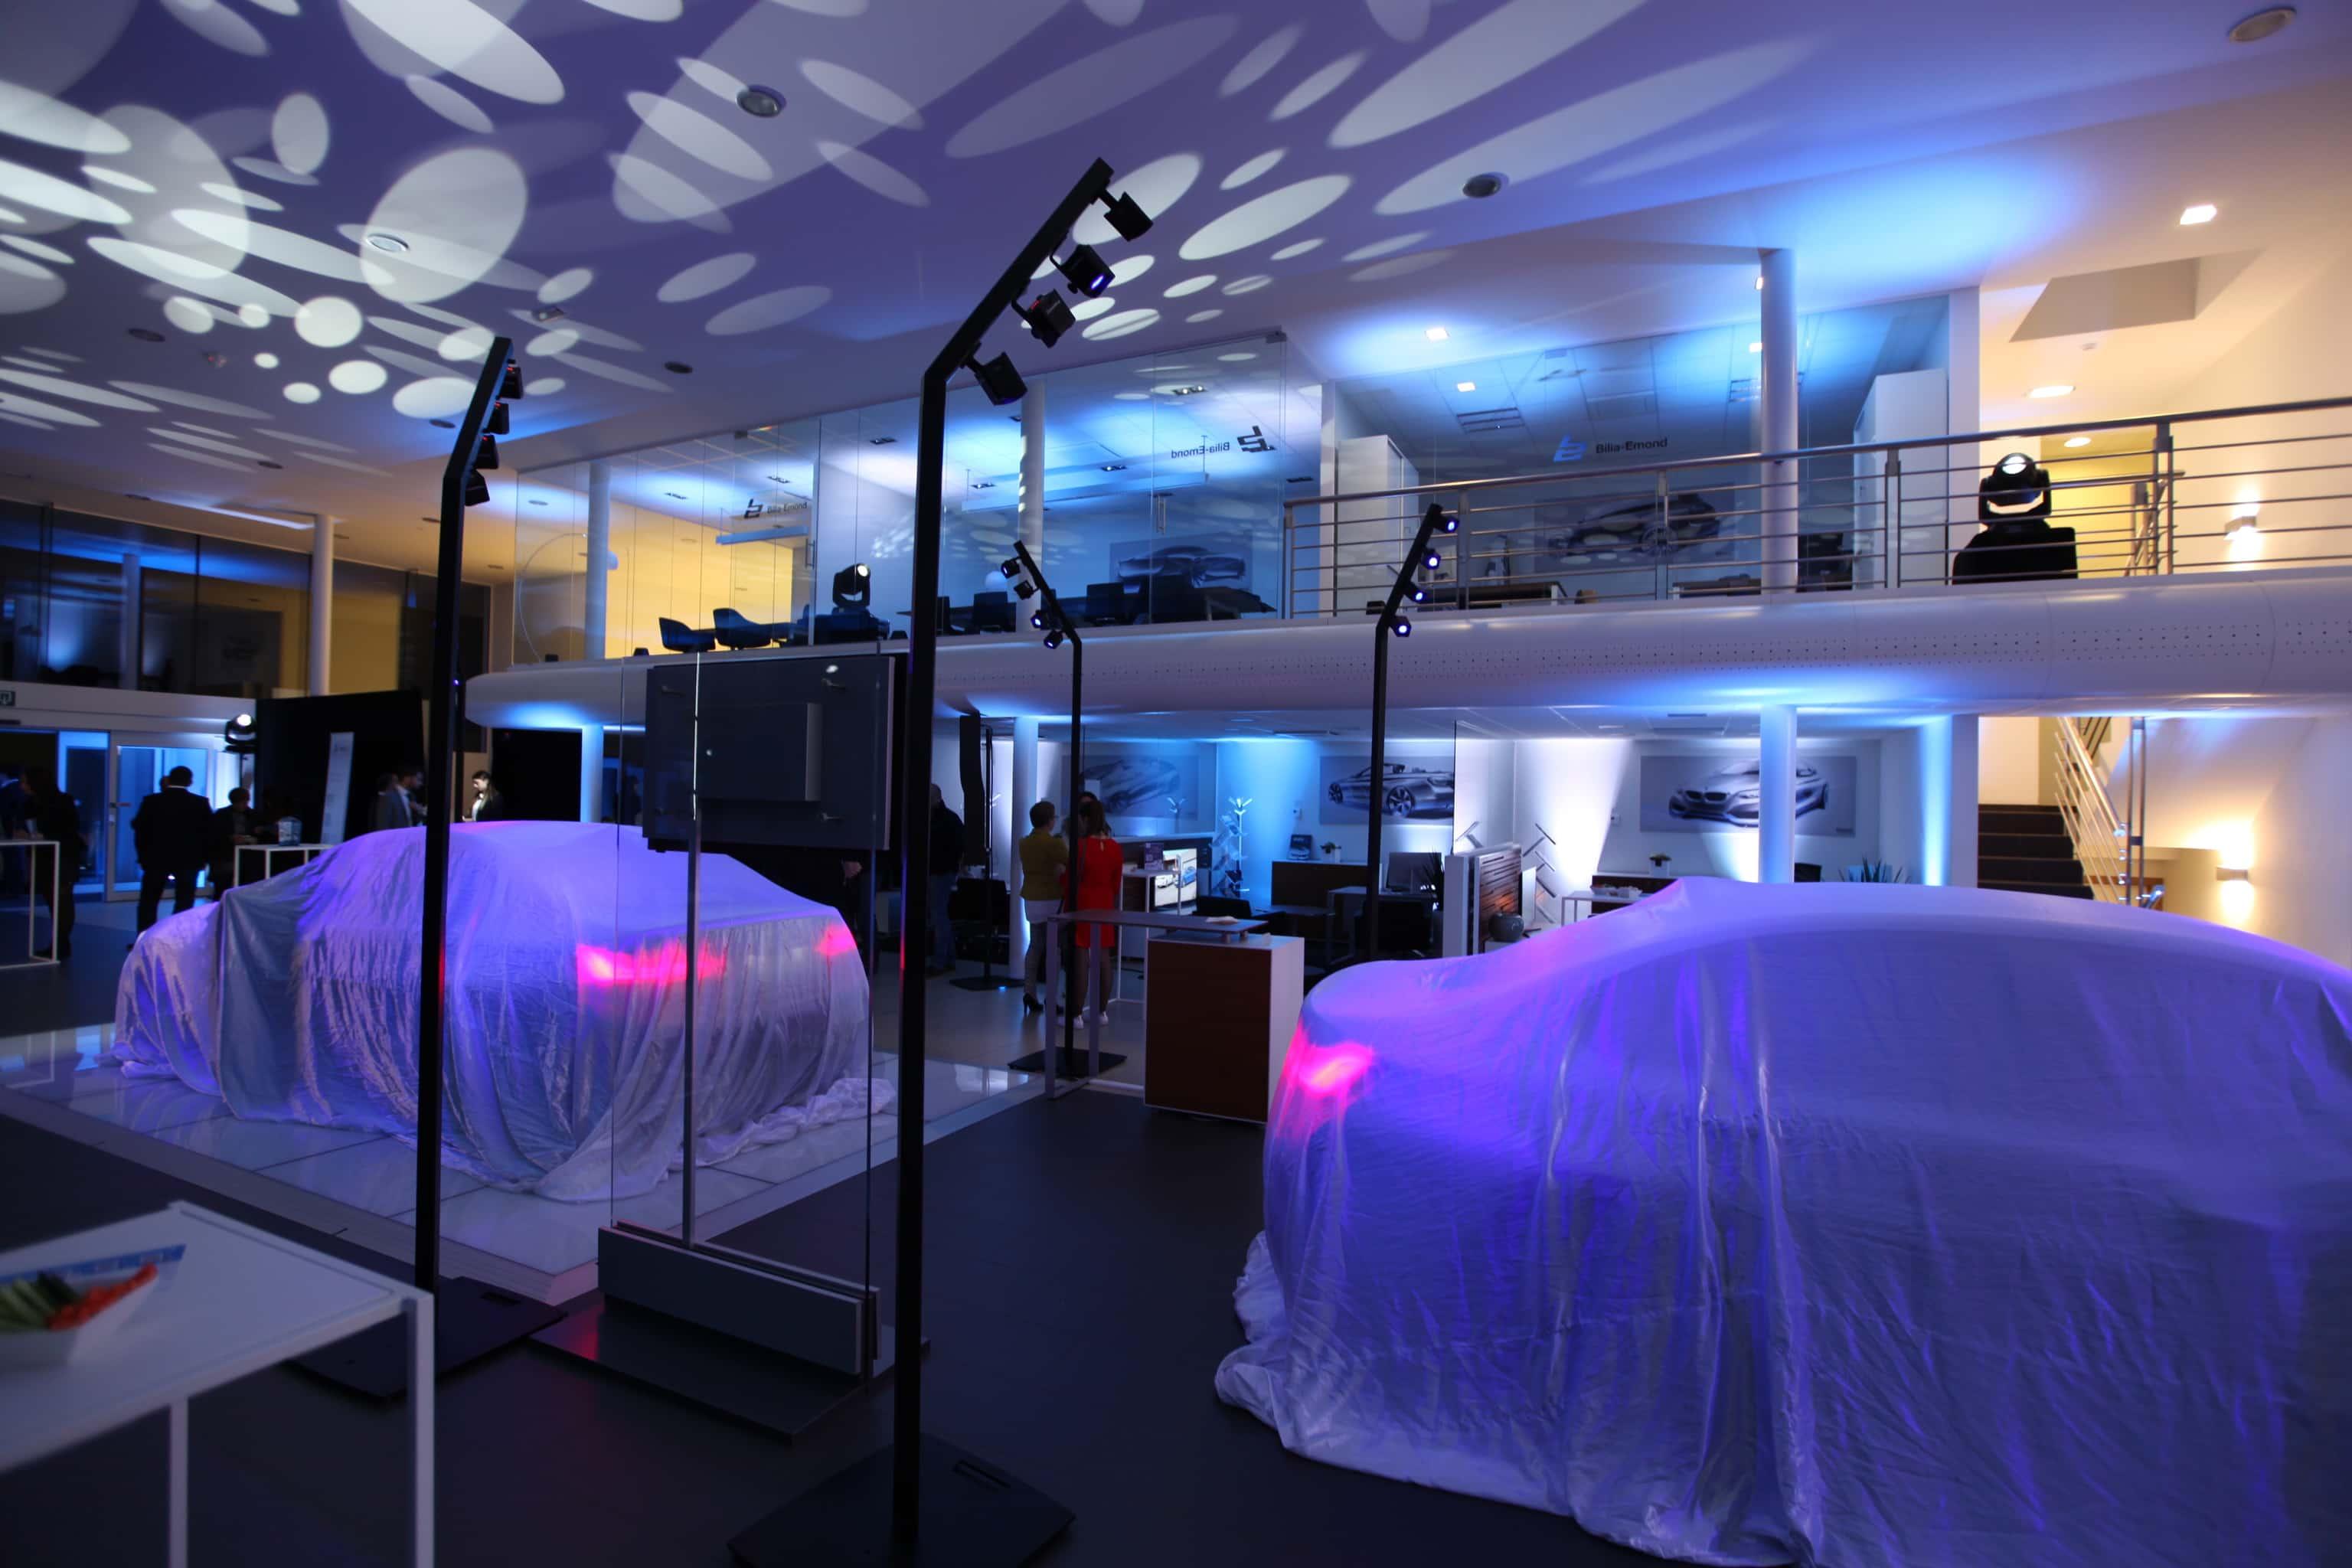 Perche lumineuse grand format pour éclairage des voitures dans une concession